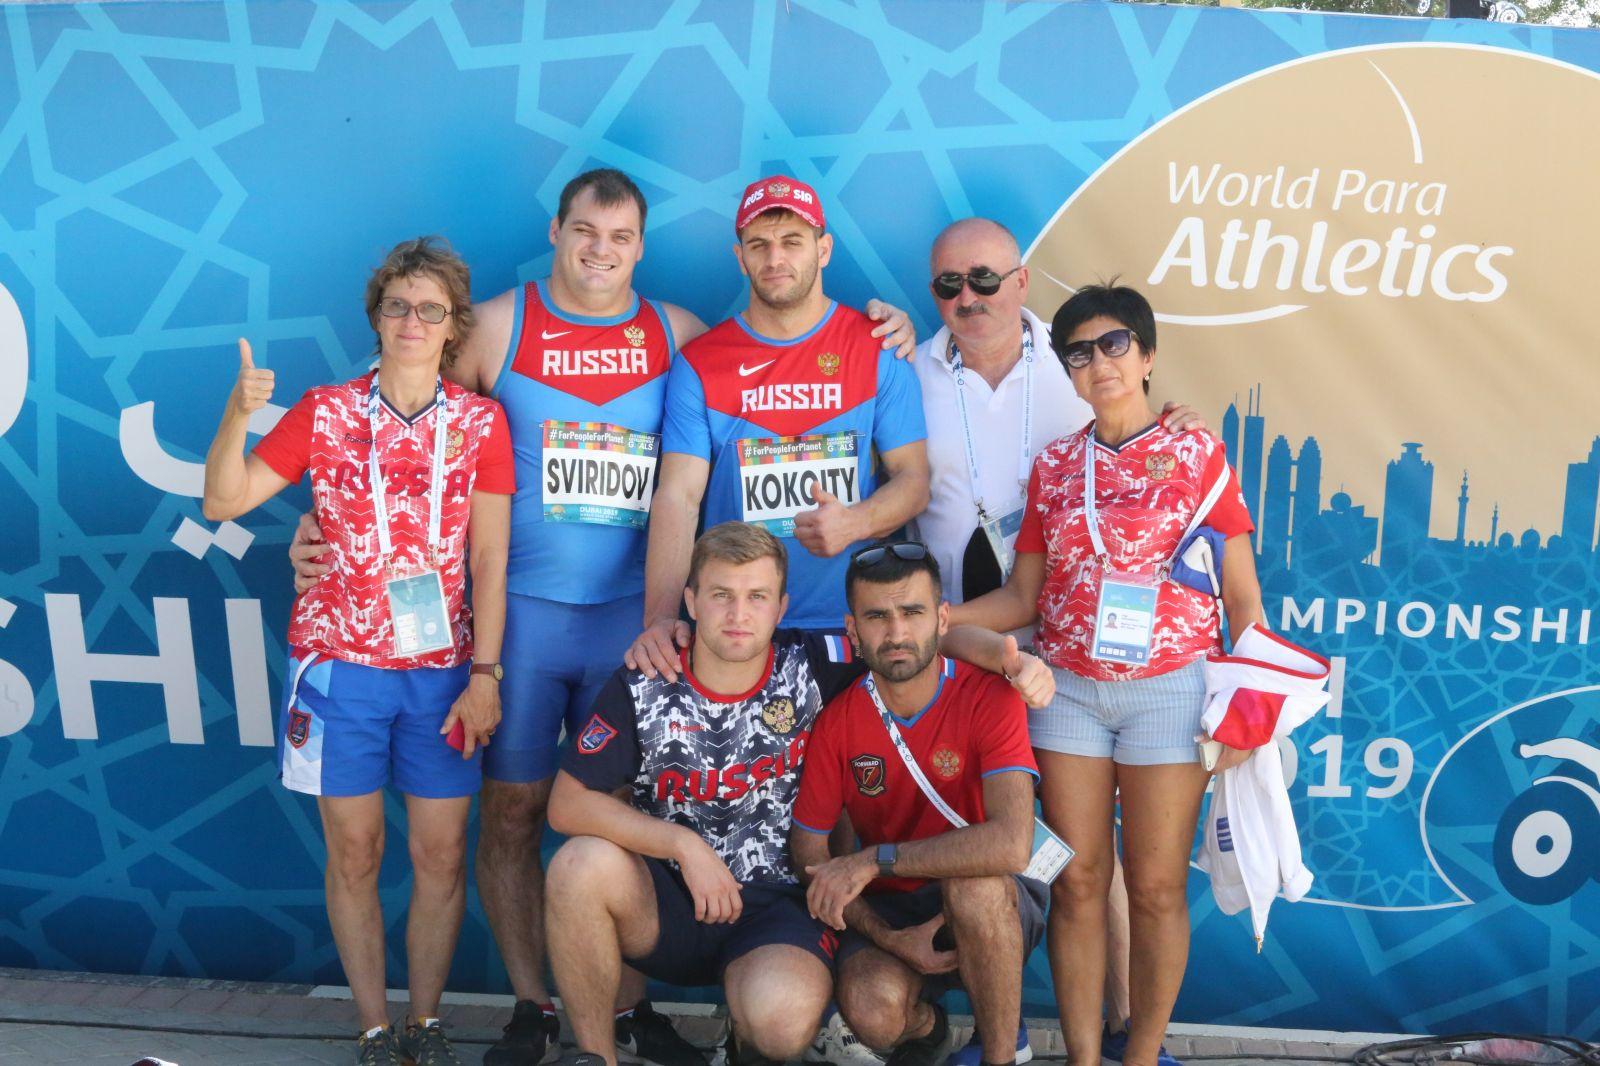 Андрей Вдовин и Владимир Свиридов завоевали золотые медали в 7 день чемпионата мира по легкой атлетике МПК в Дубае